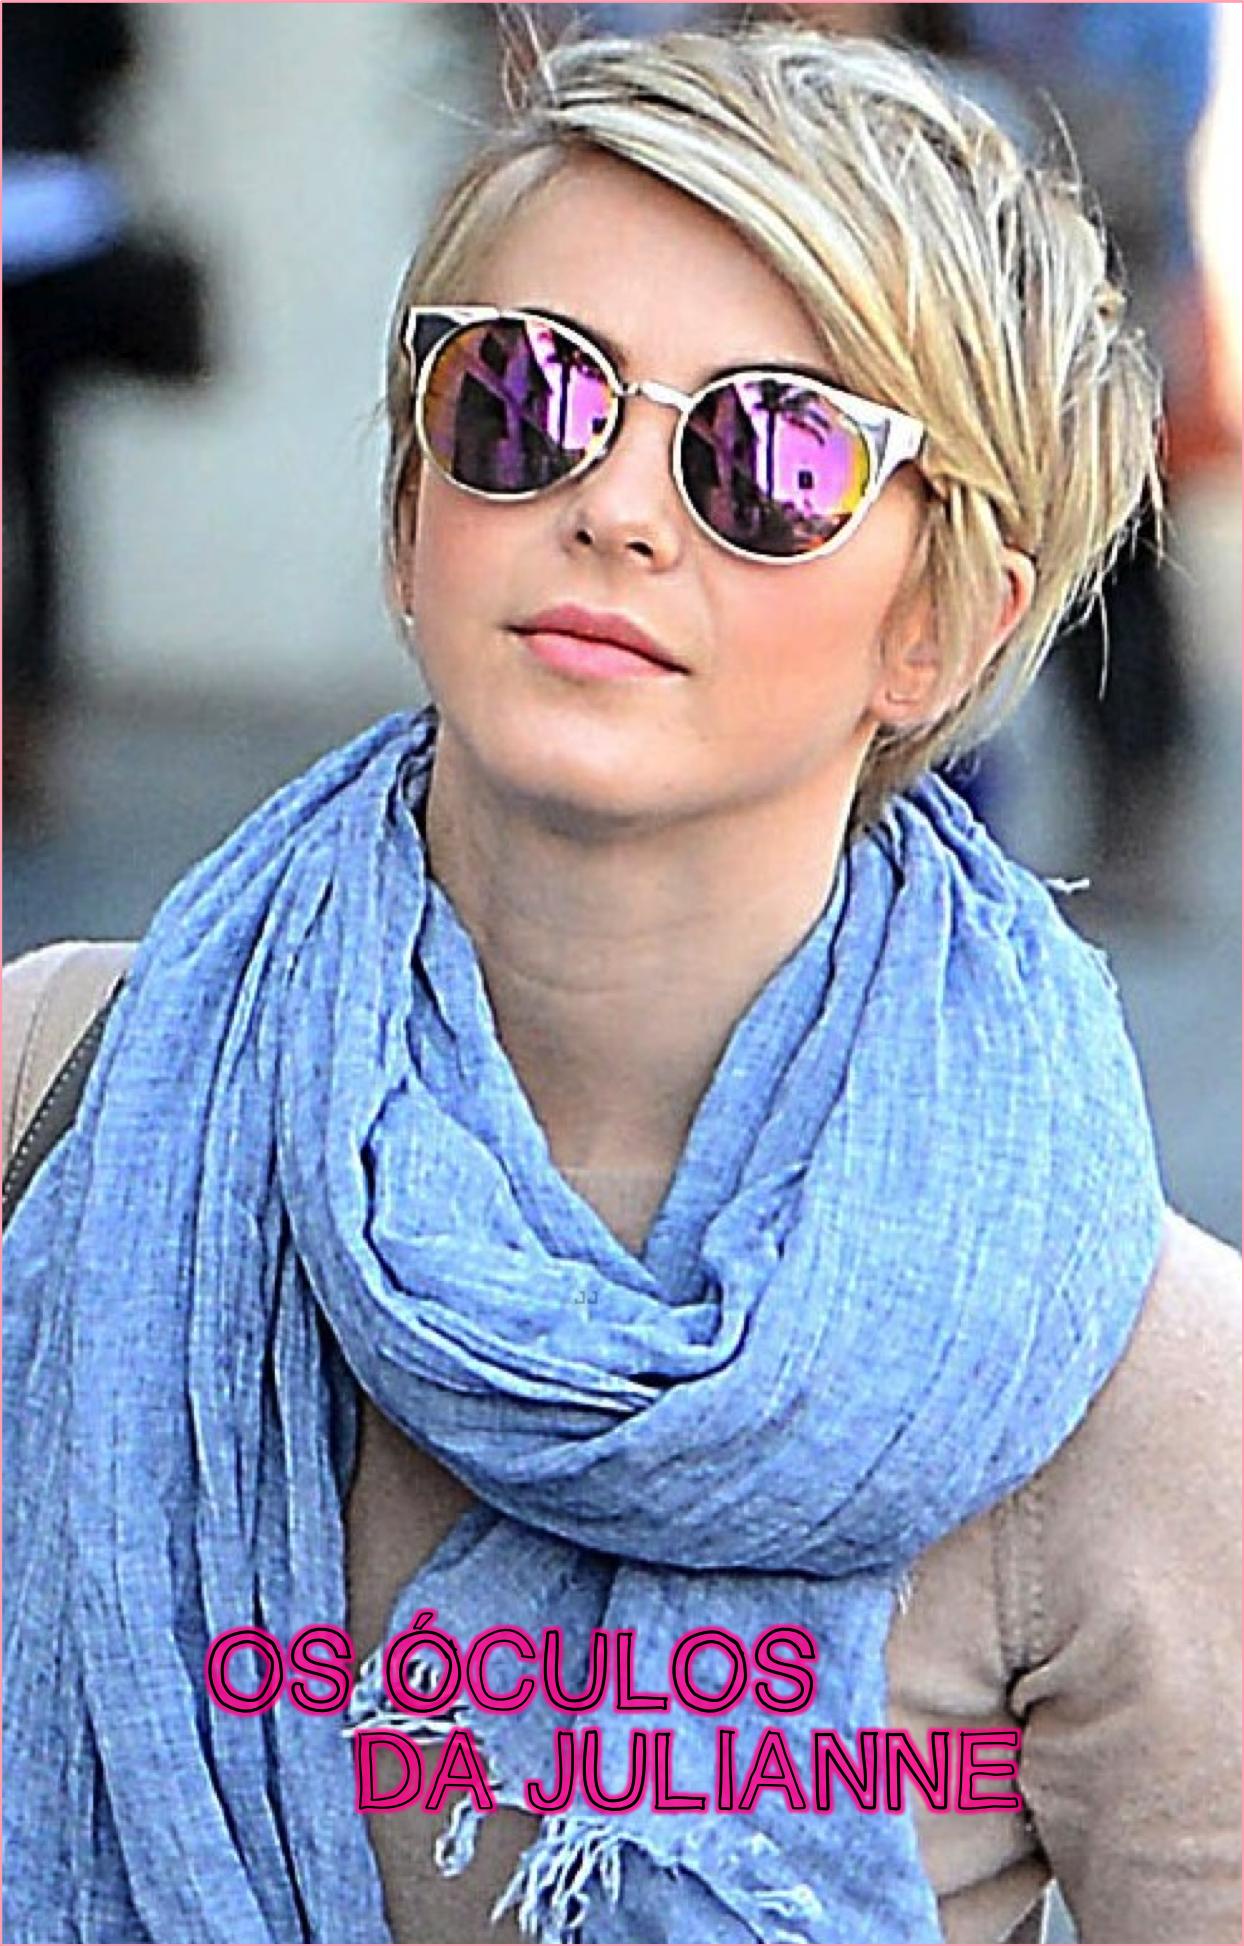 e4420aa38c3 óculos Archives - Página 3 de 5 - Fashionismo